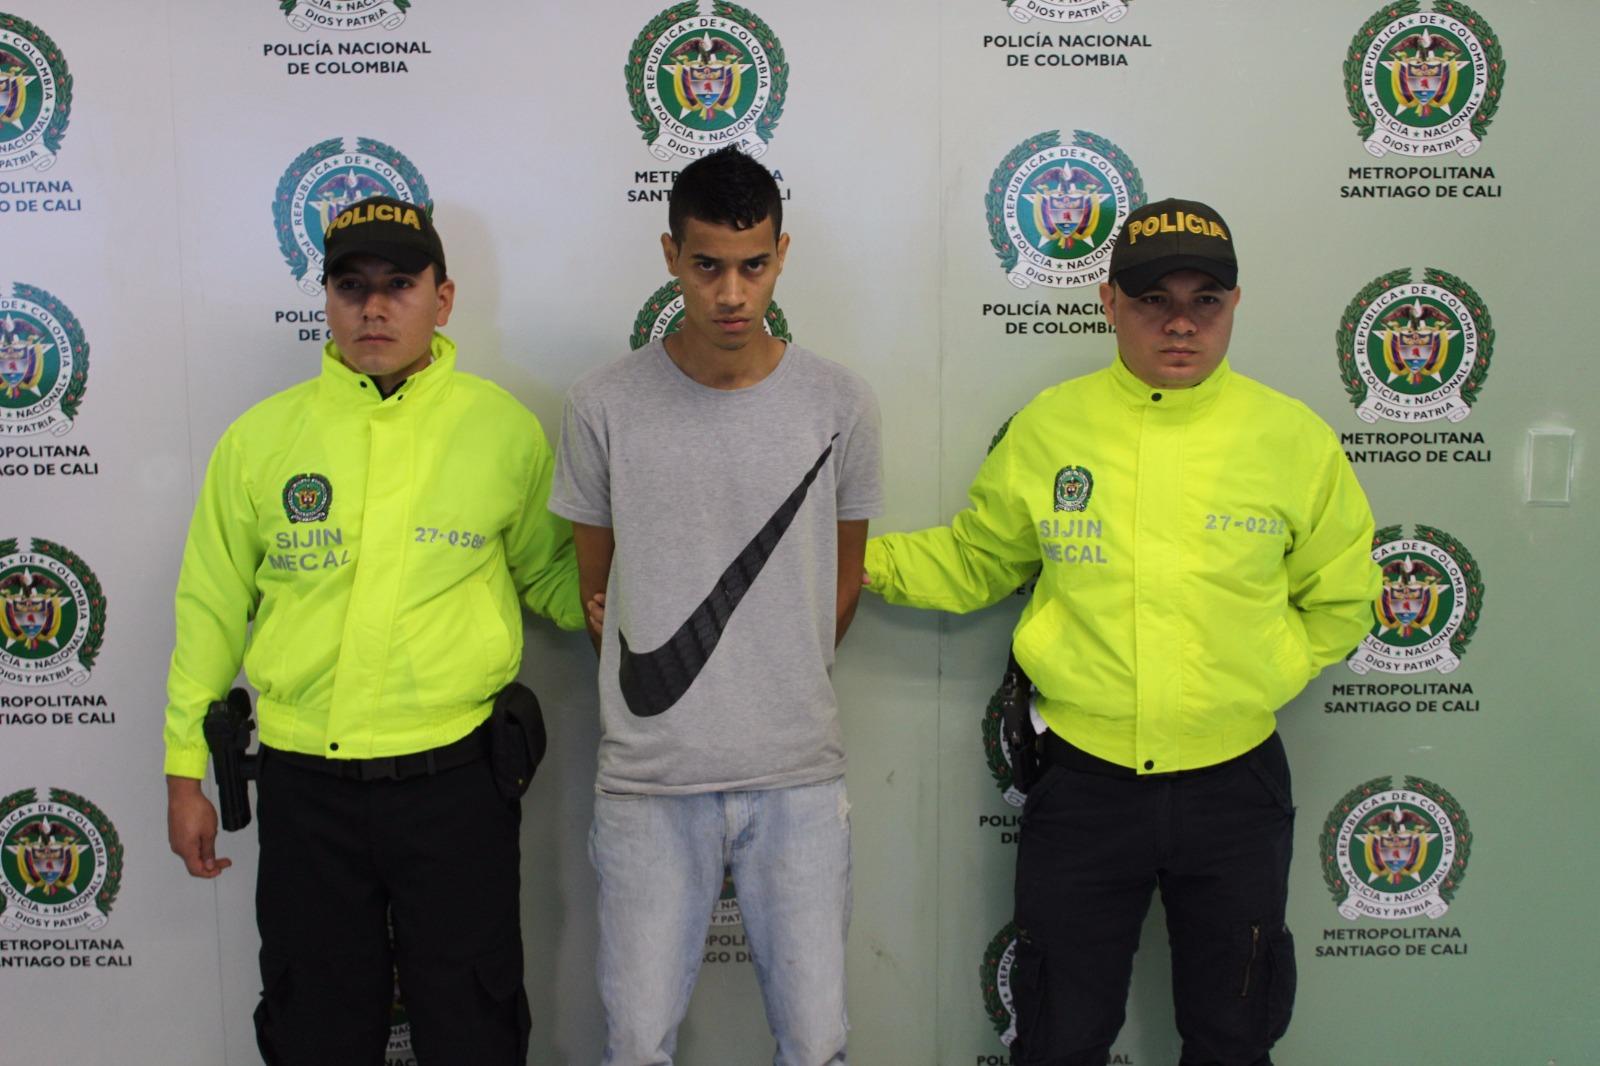 Policía capturó a 'Chiste', sindicado de cometer 43 homicidios